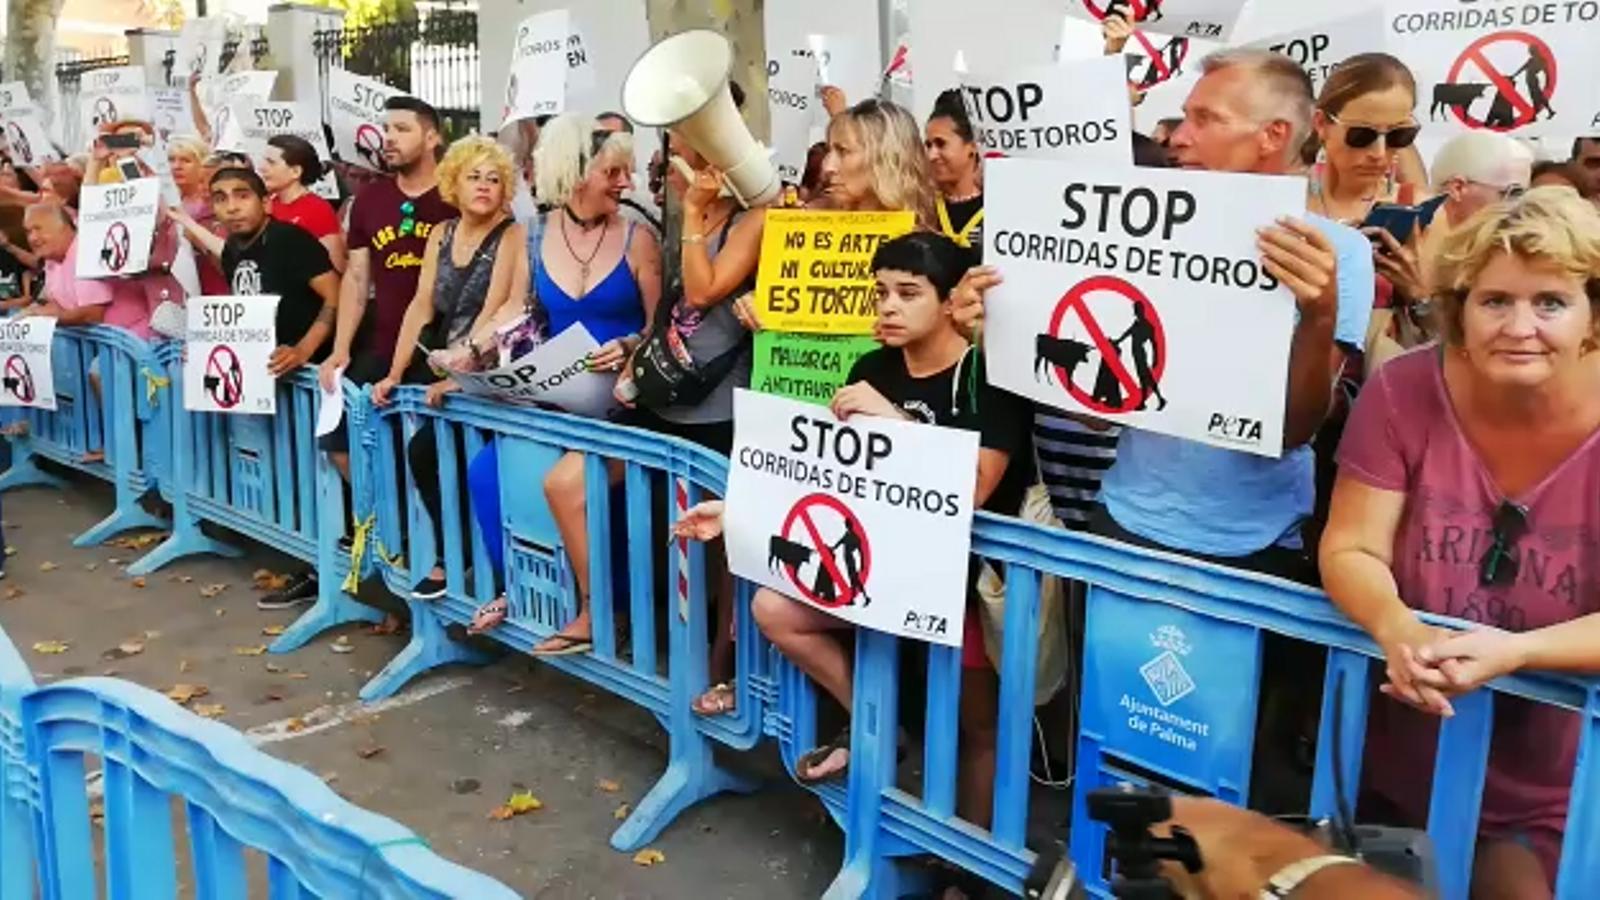 Vídeo de la concentració antitaurina de Palma